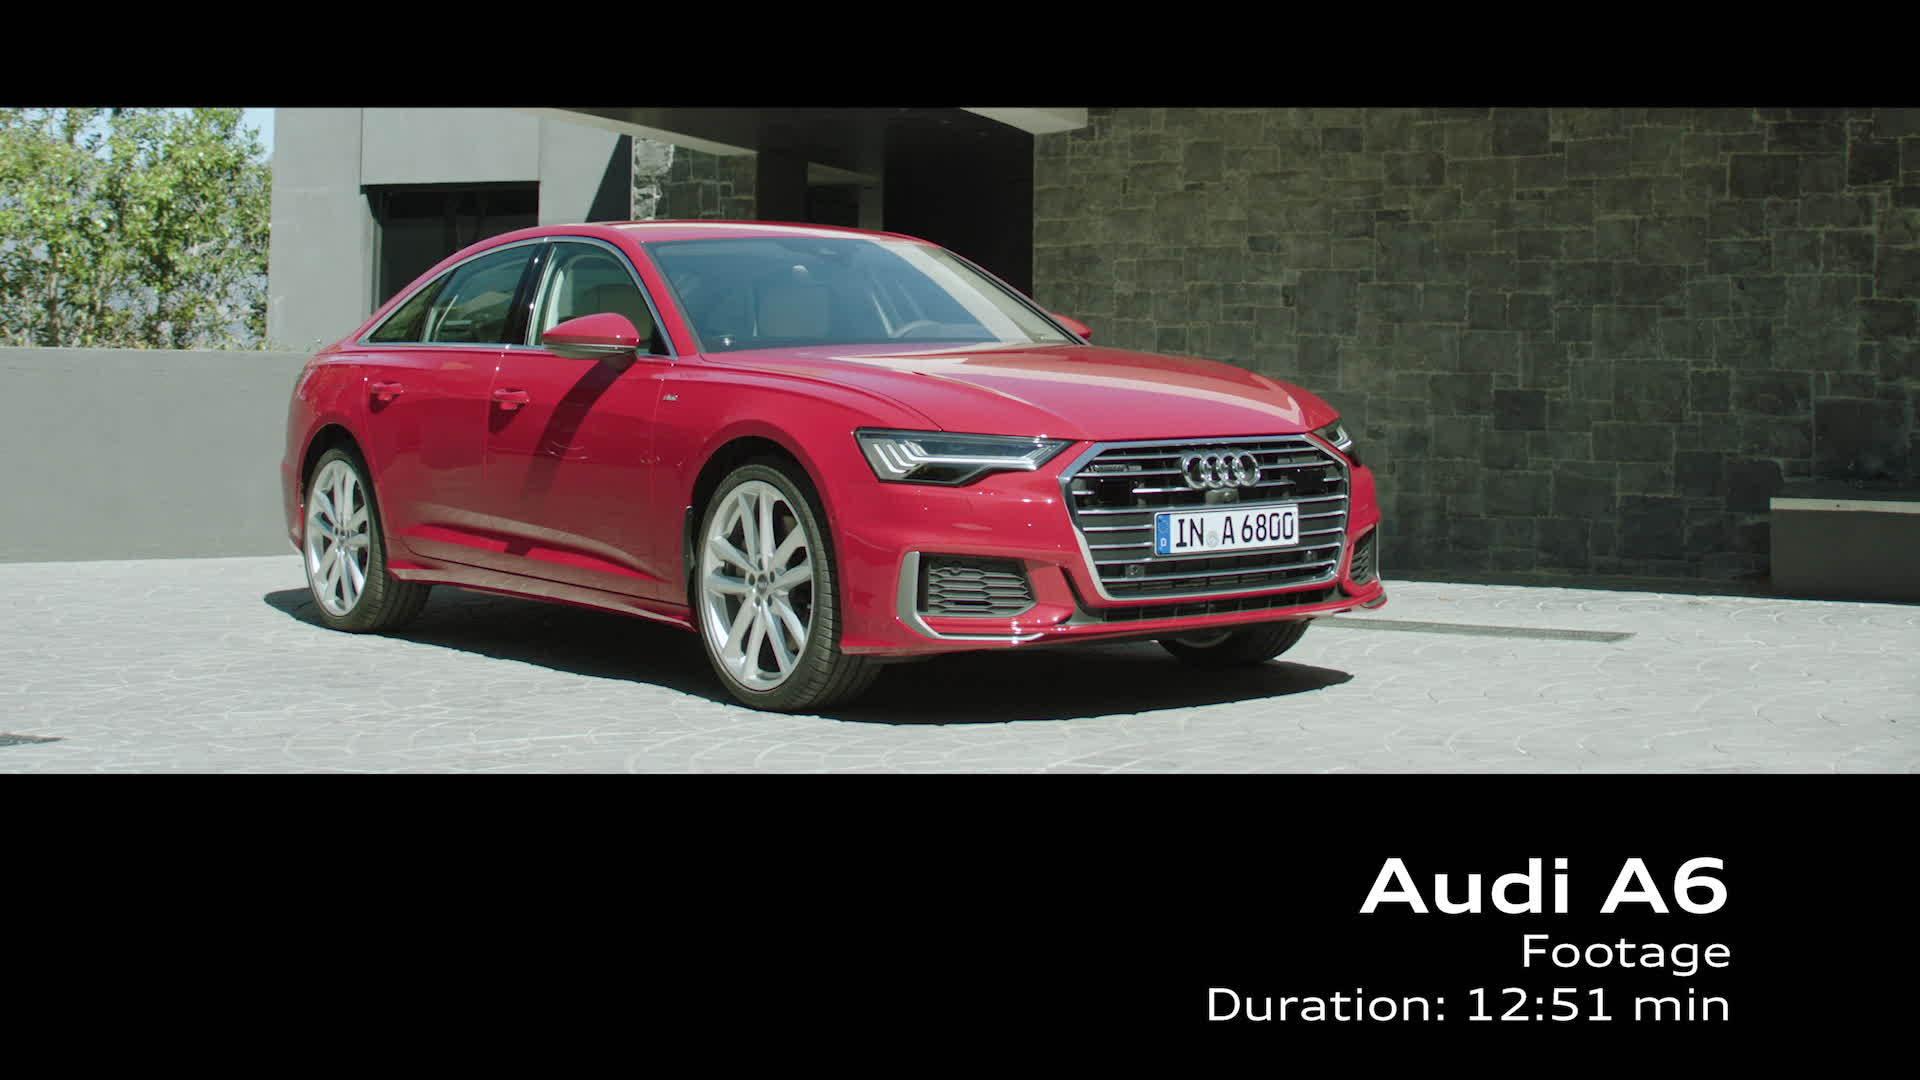 Footage Audi A6 Sedan